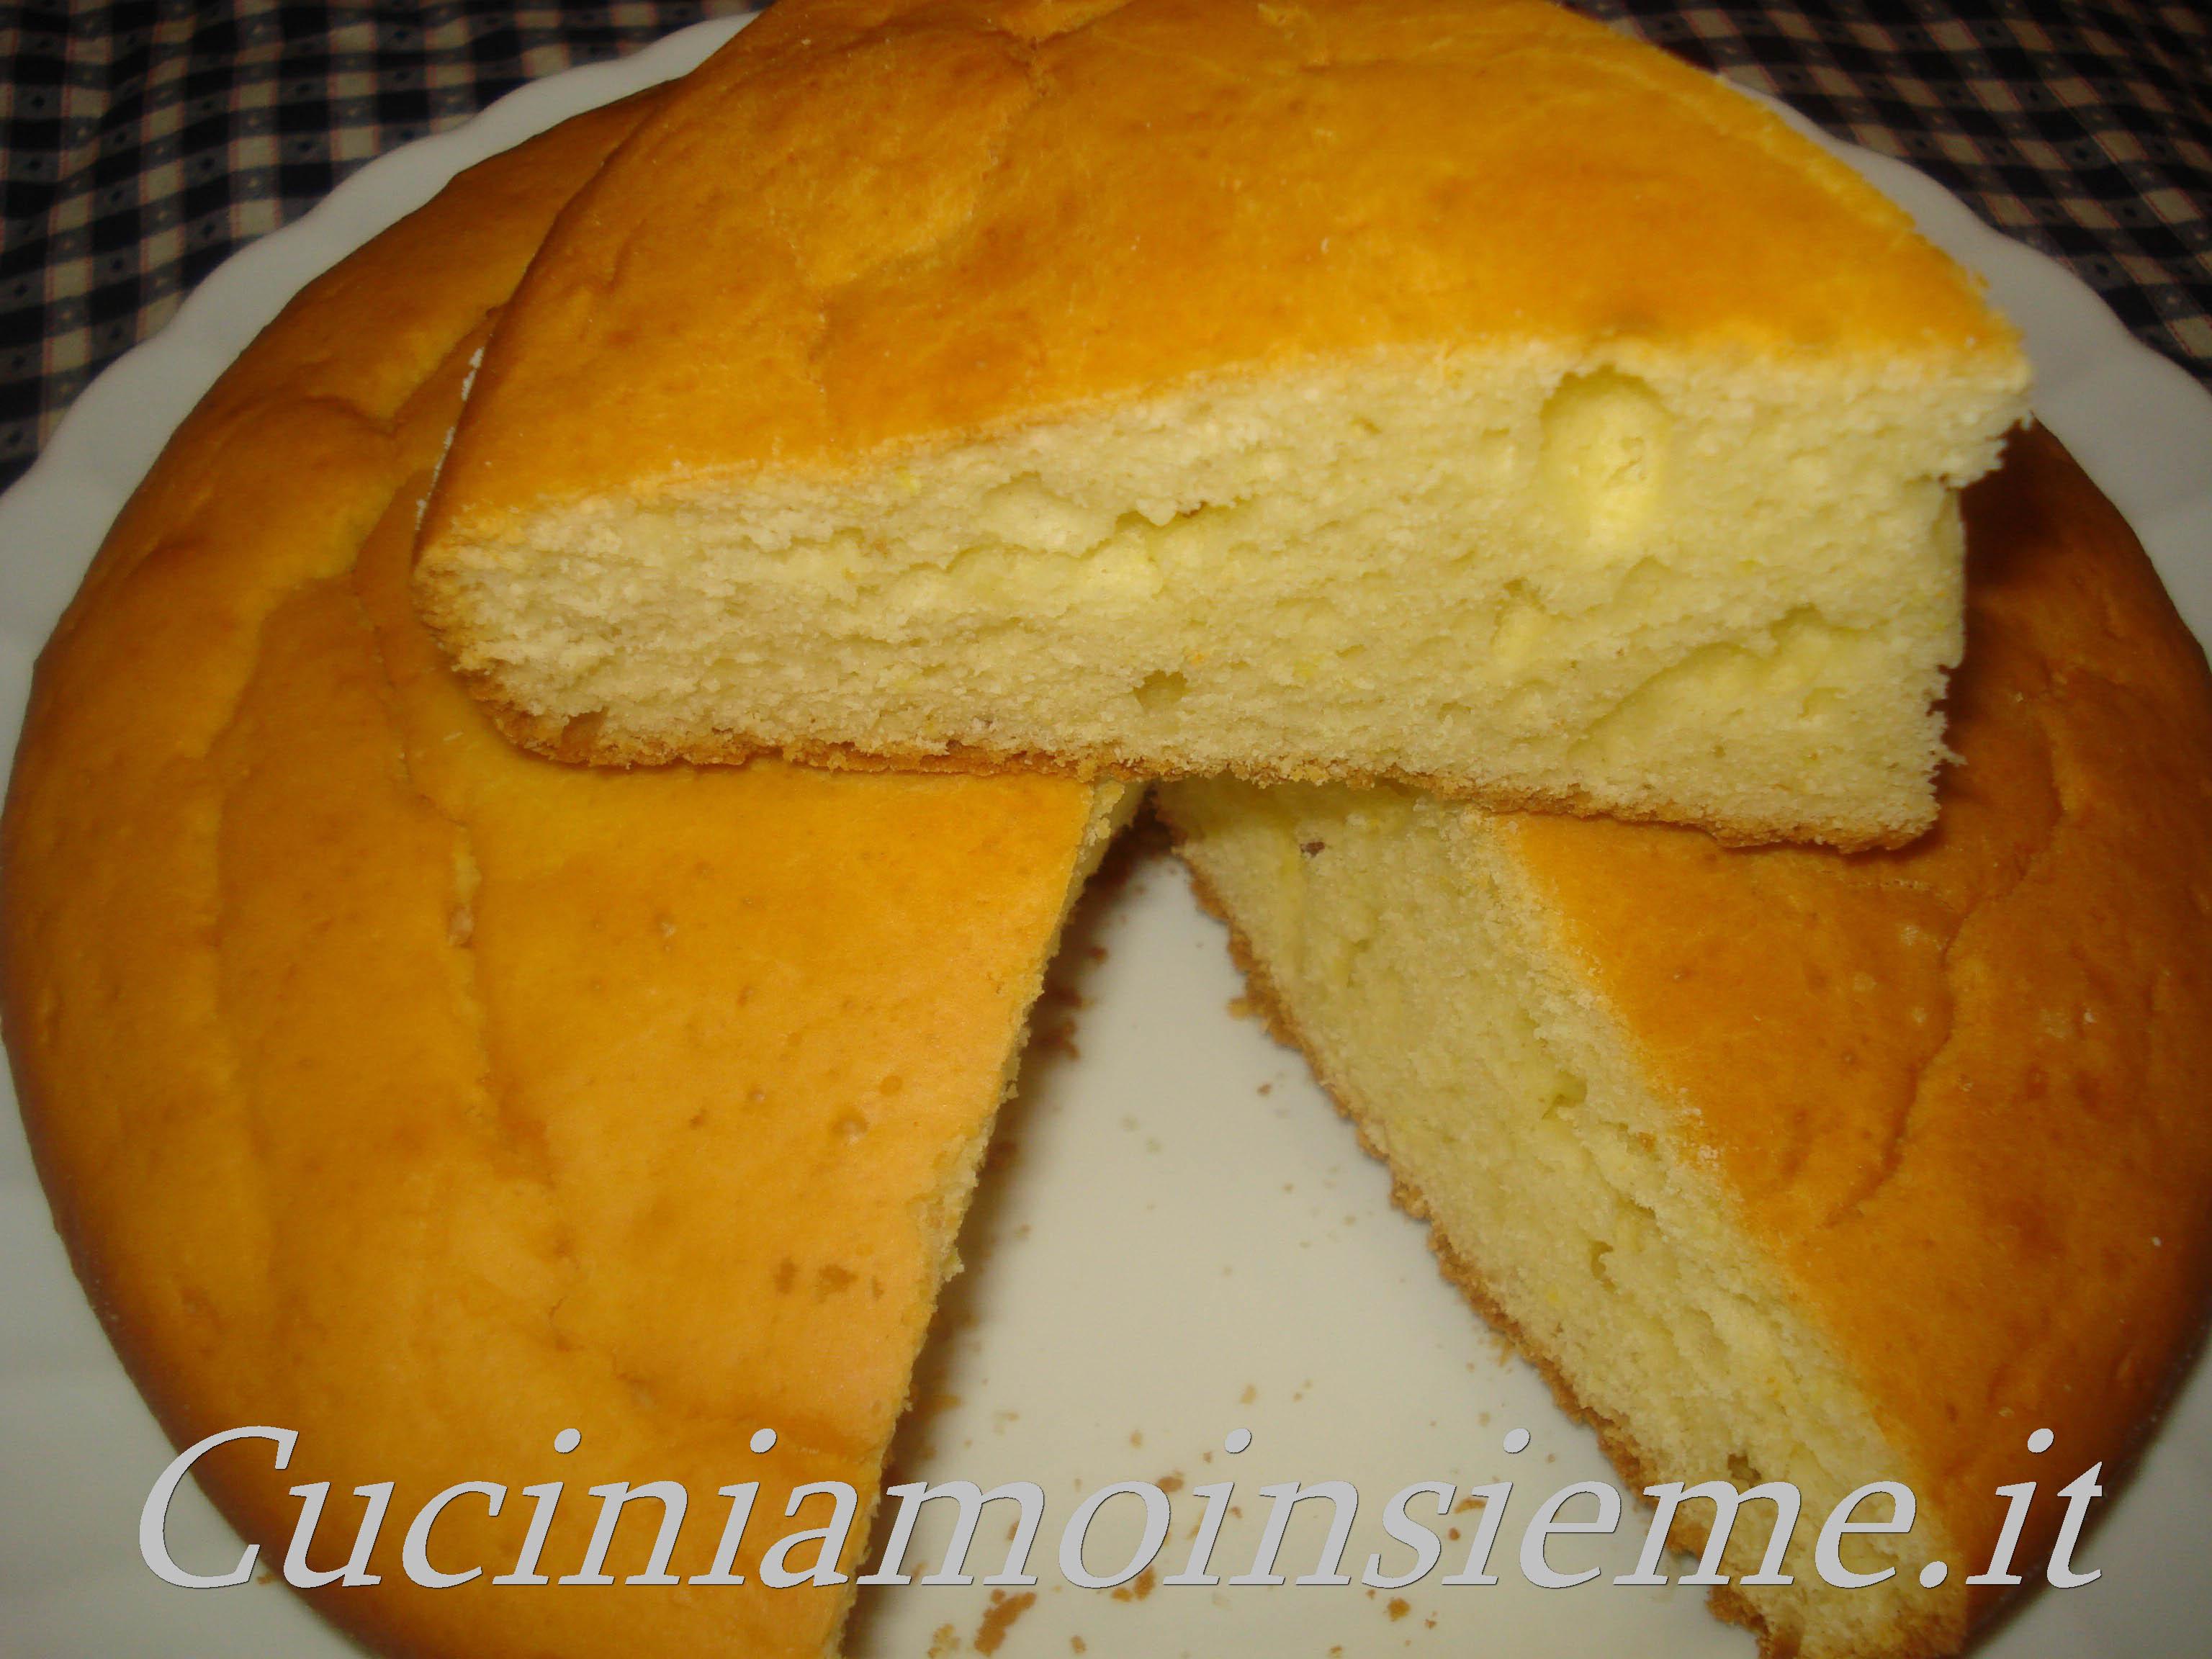 pan di spagna adatto per menu dietetici dissociati